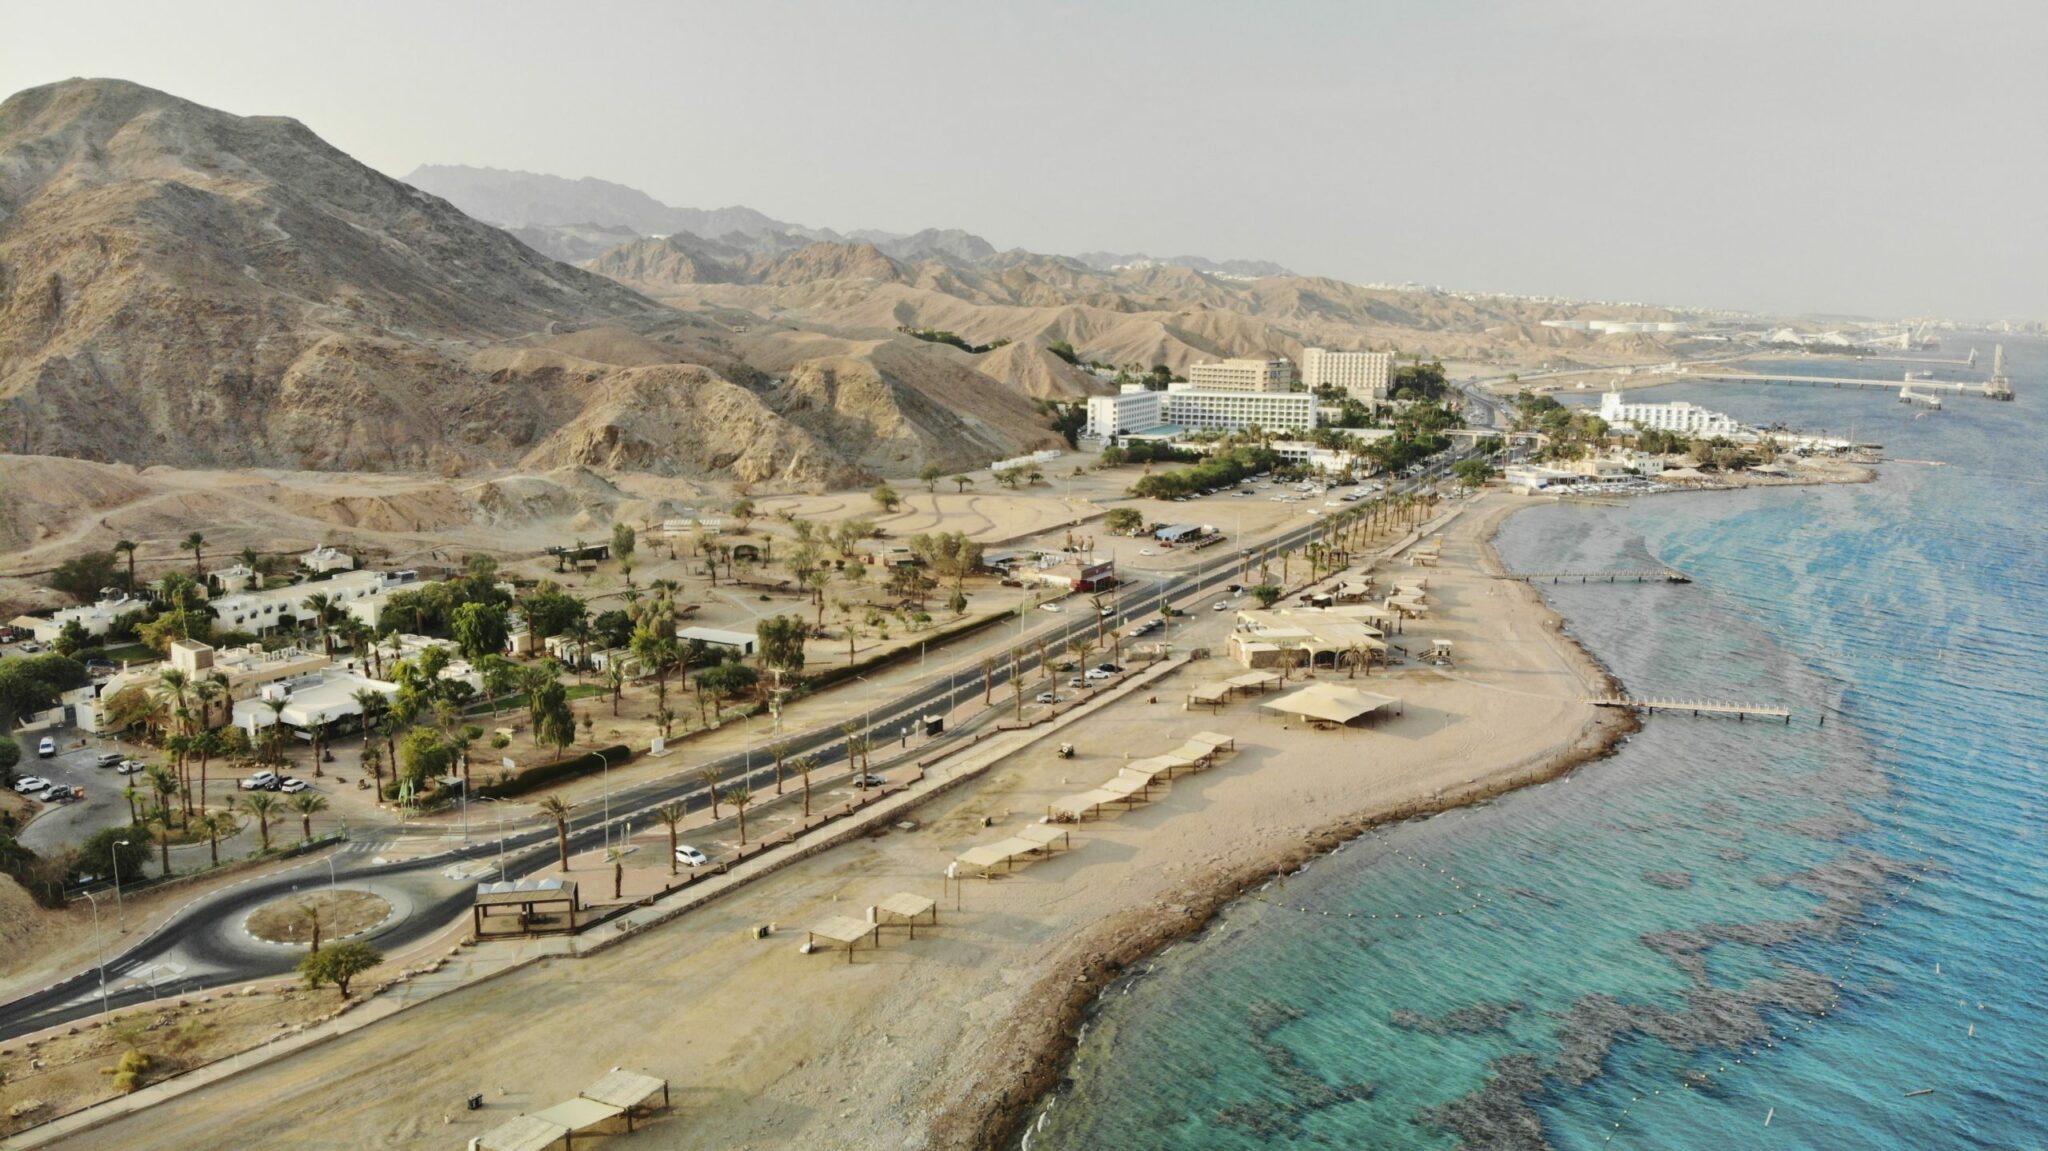 צילום מלמעלה ים סוף ובית ספר שדה אילת